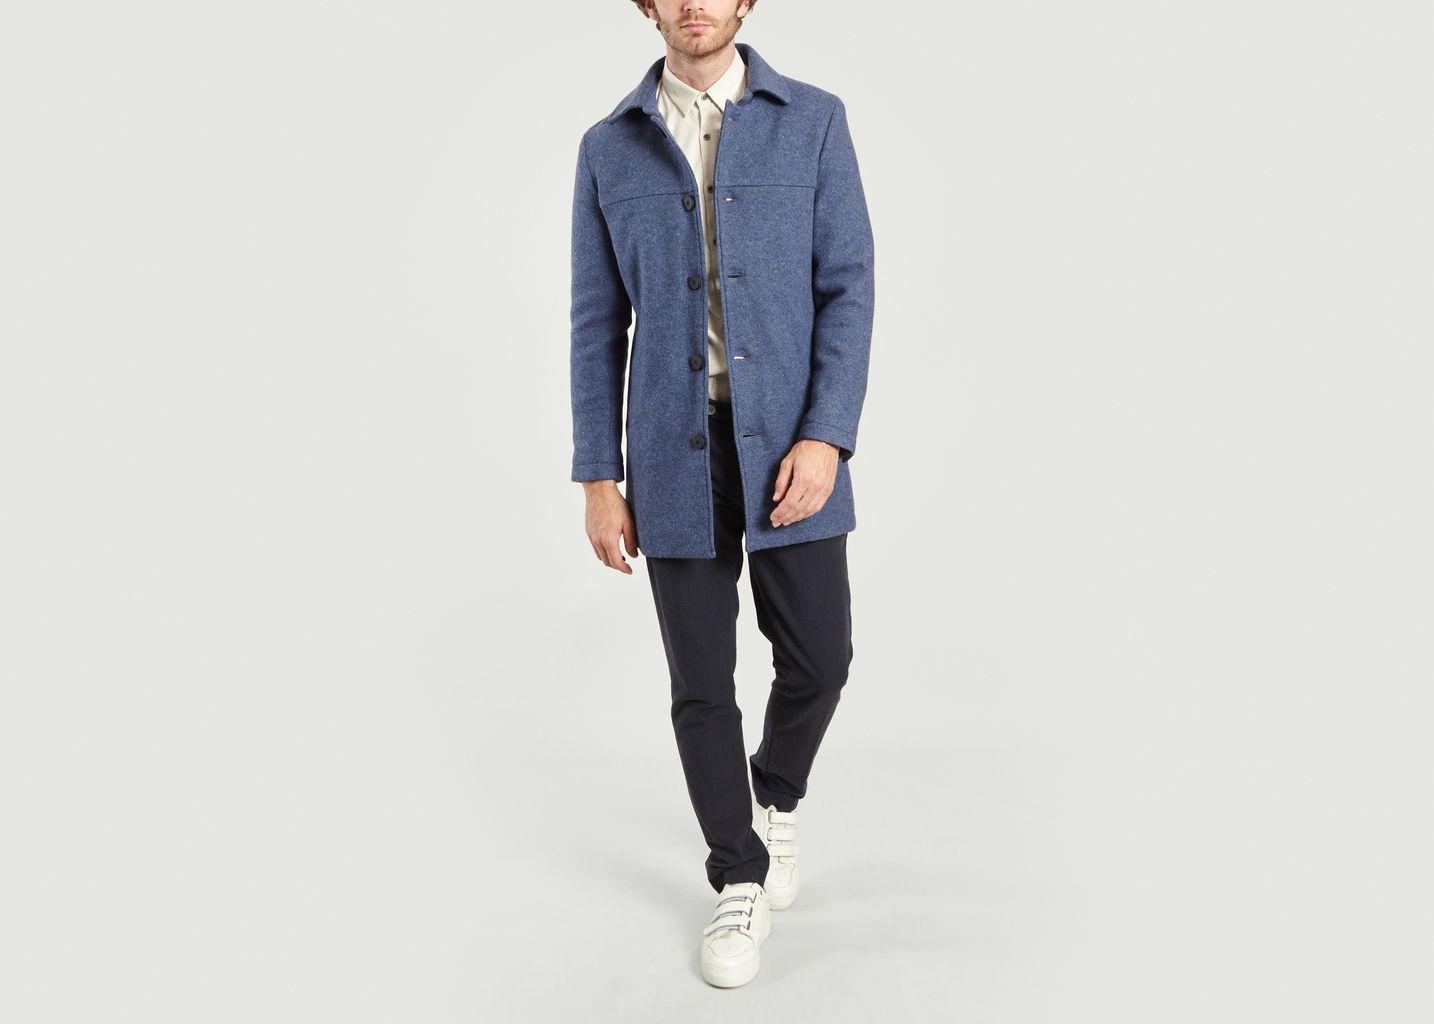 Long Manteau en Laine - JagVi